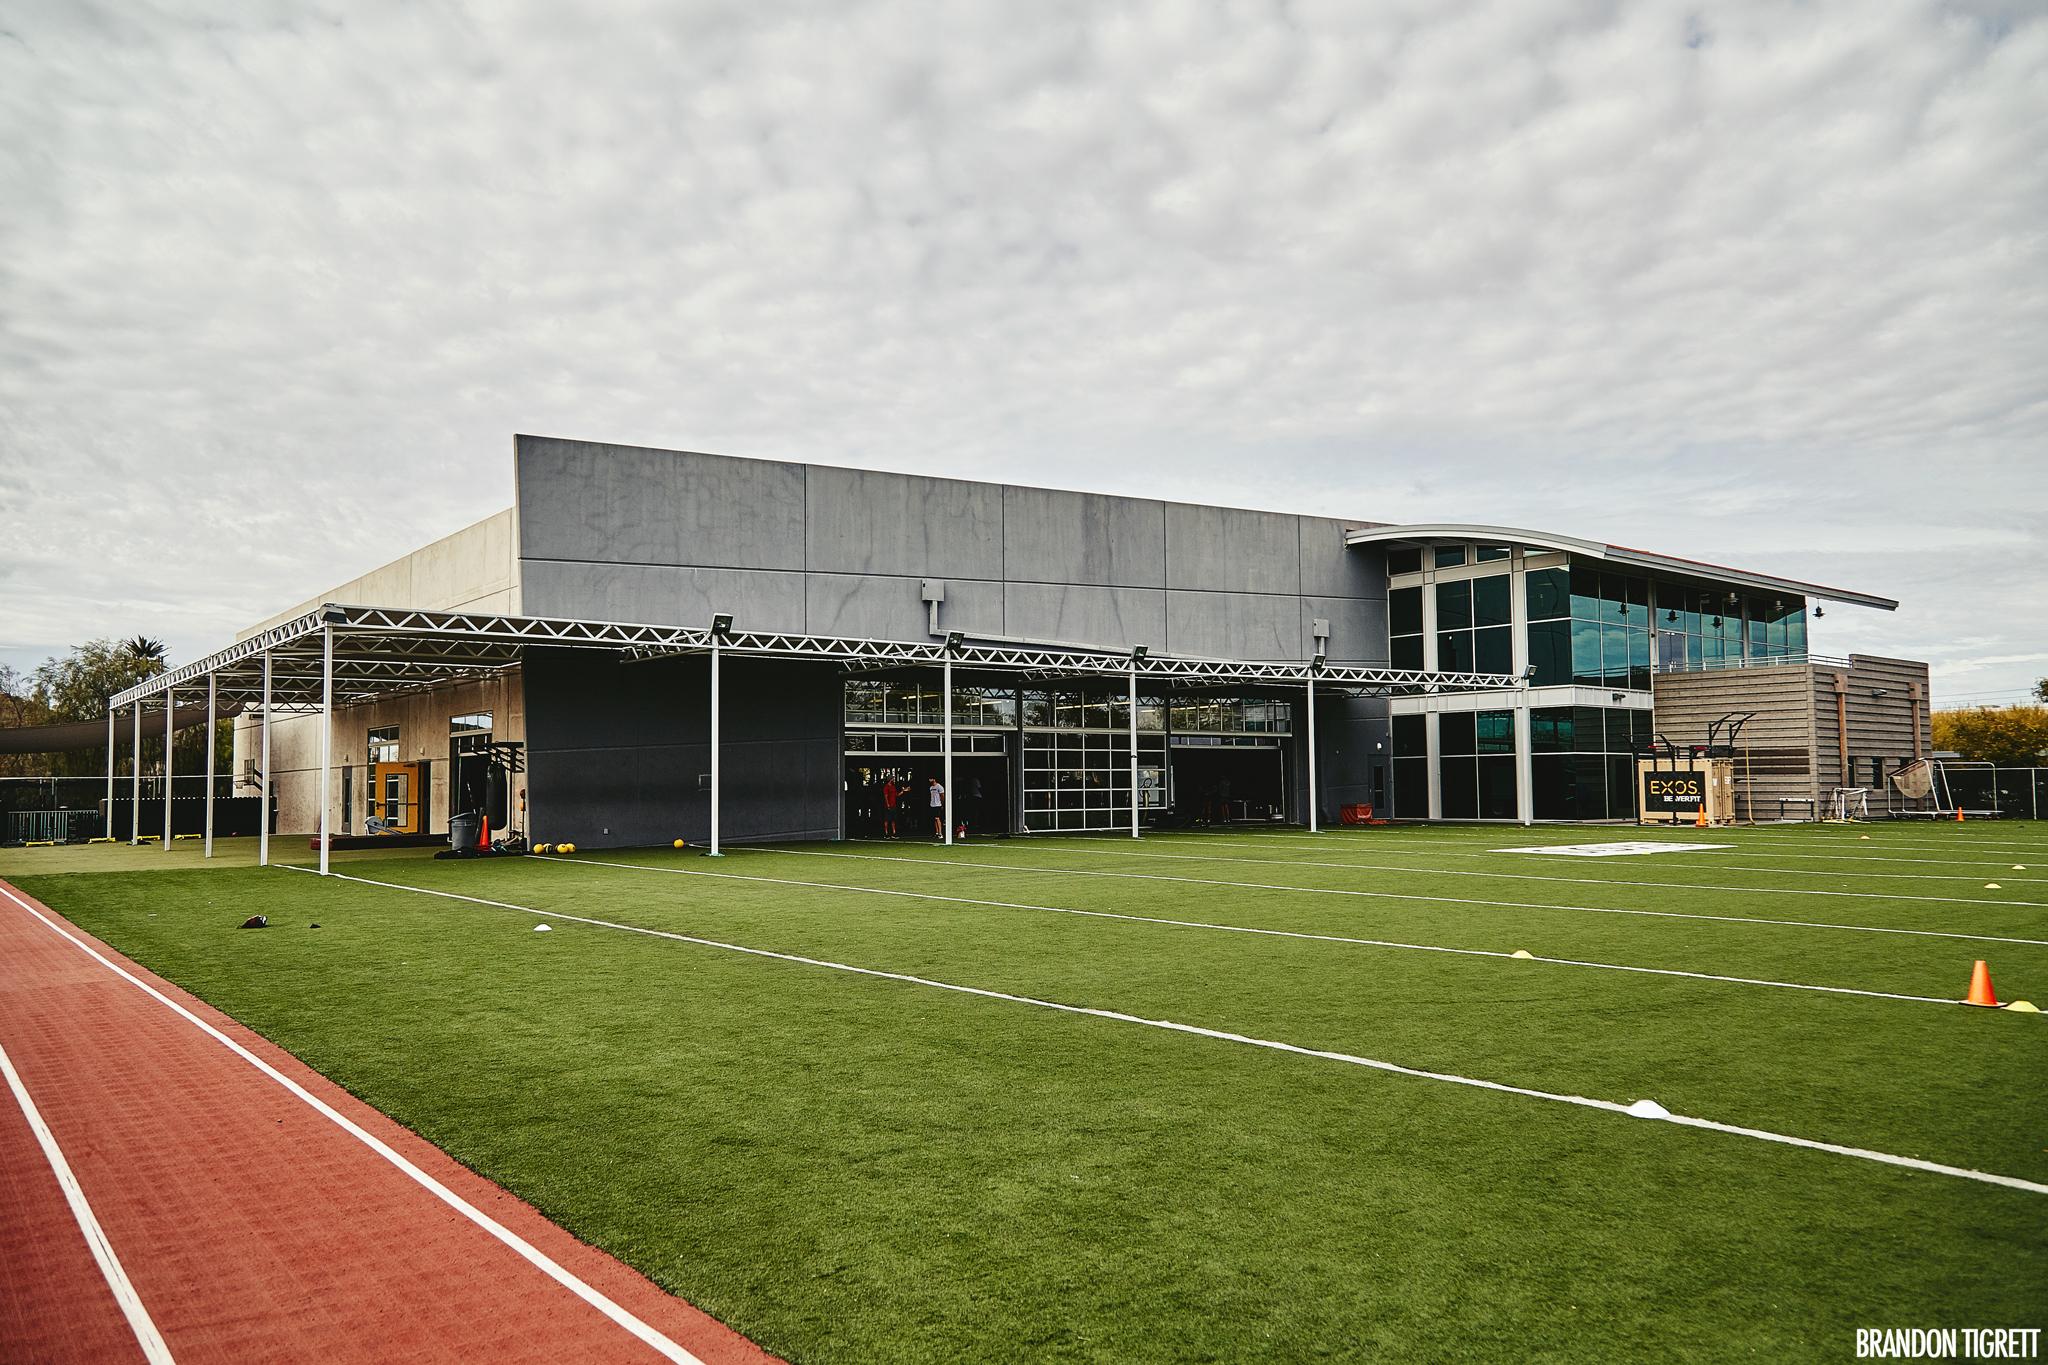 EXOS Athletes Performance Facility